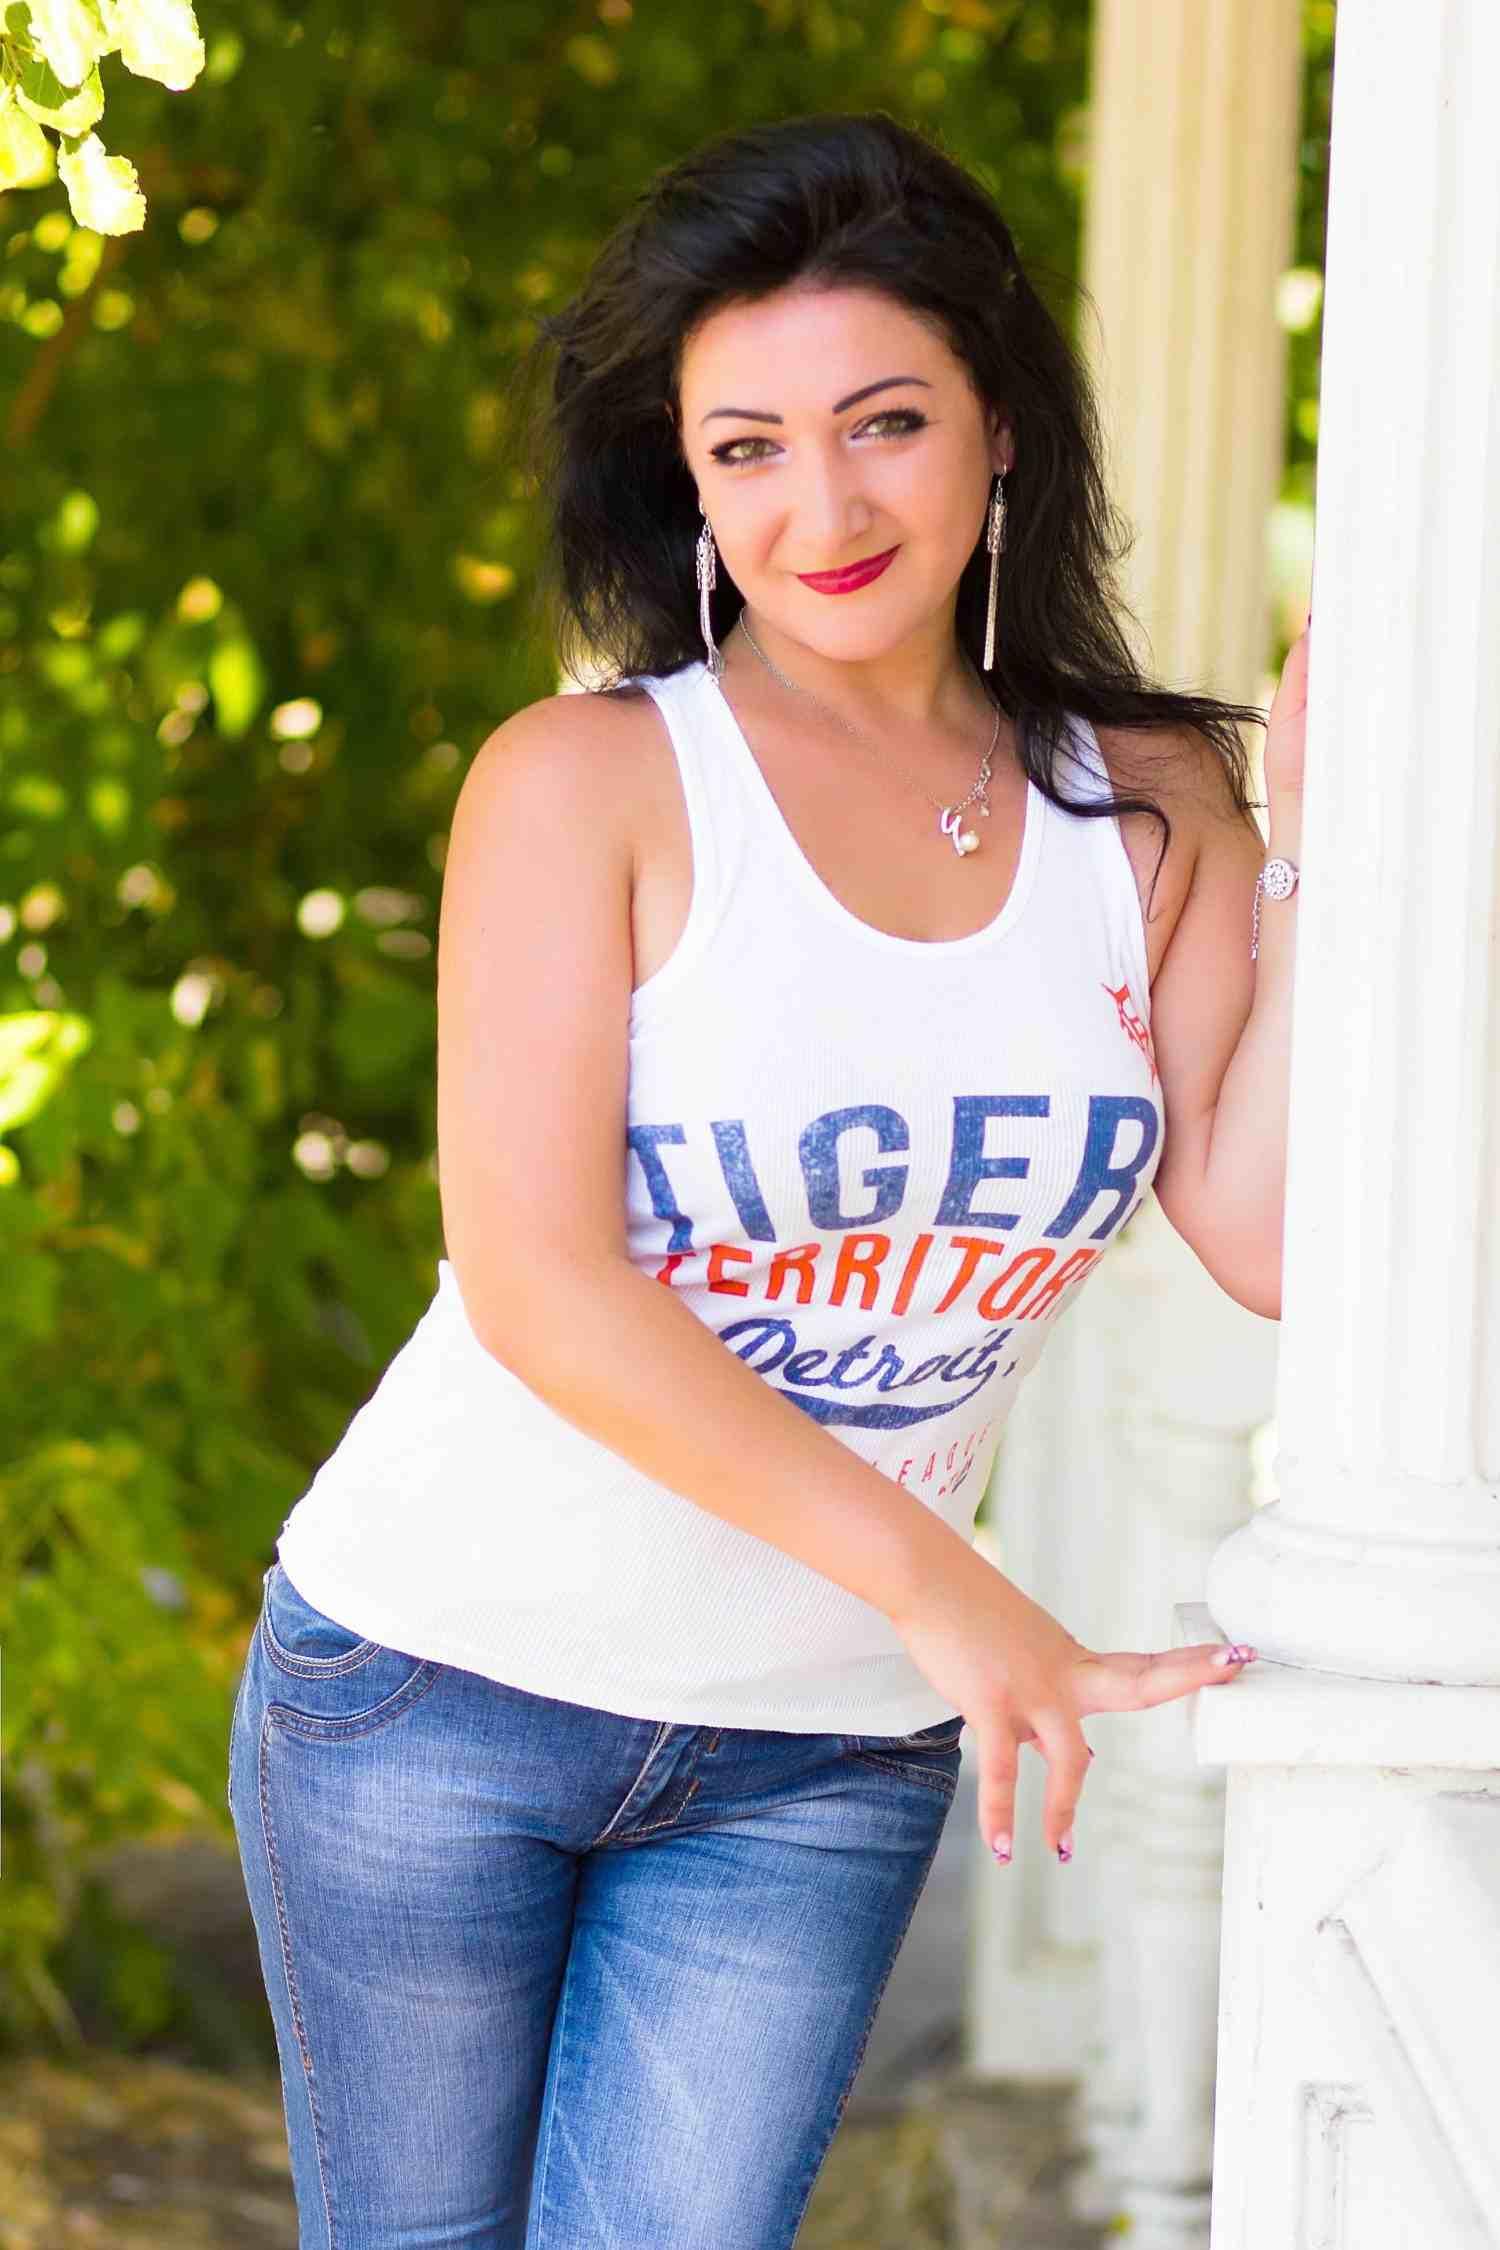 Maria exotic